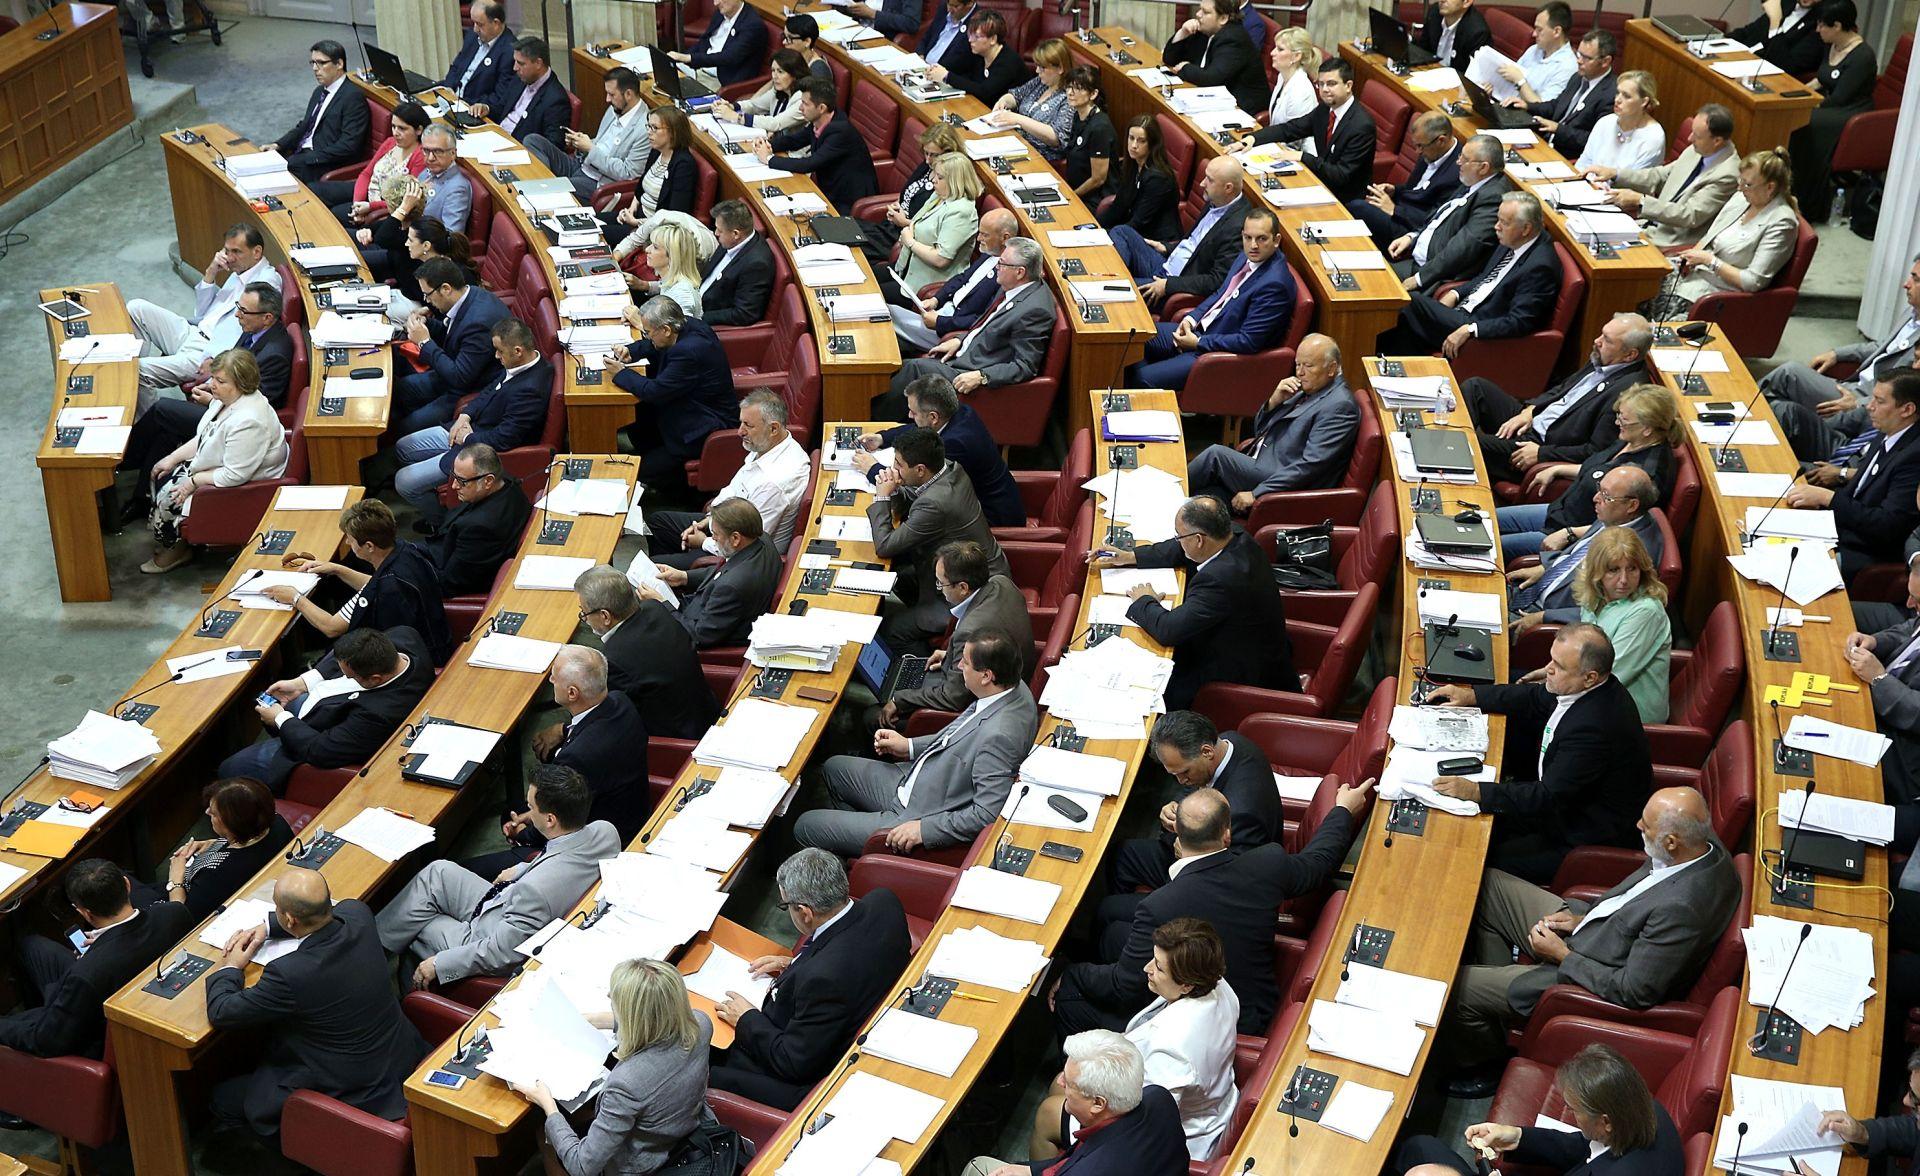 Sabor u utorak raspravlja o proračunu za ovu godinu